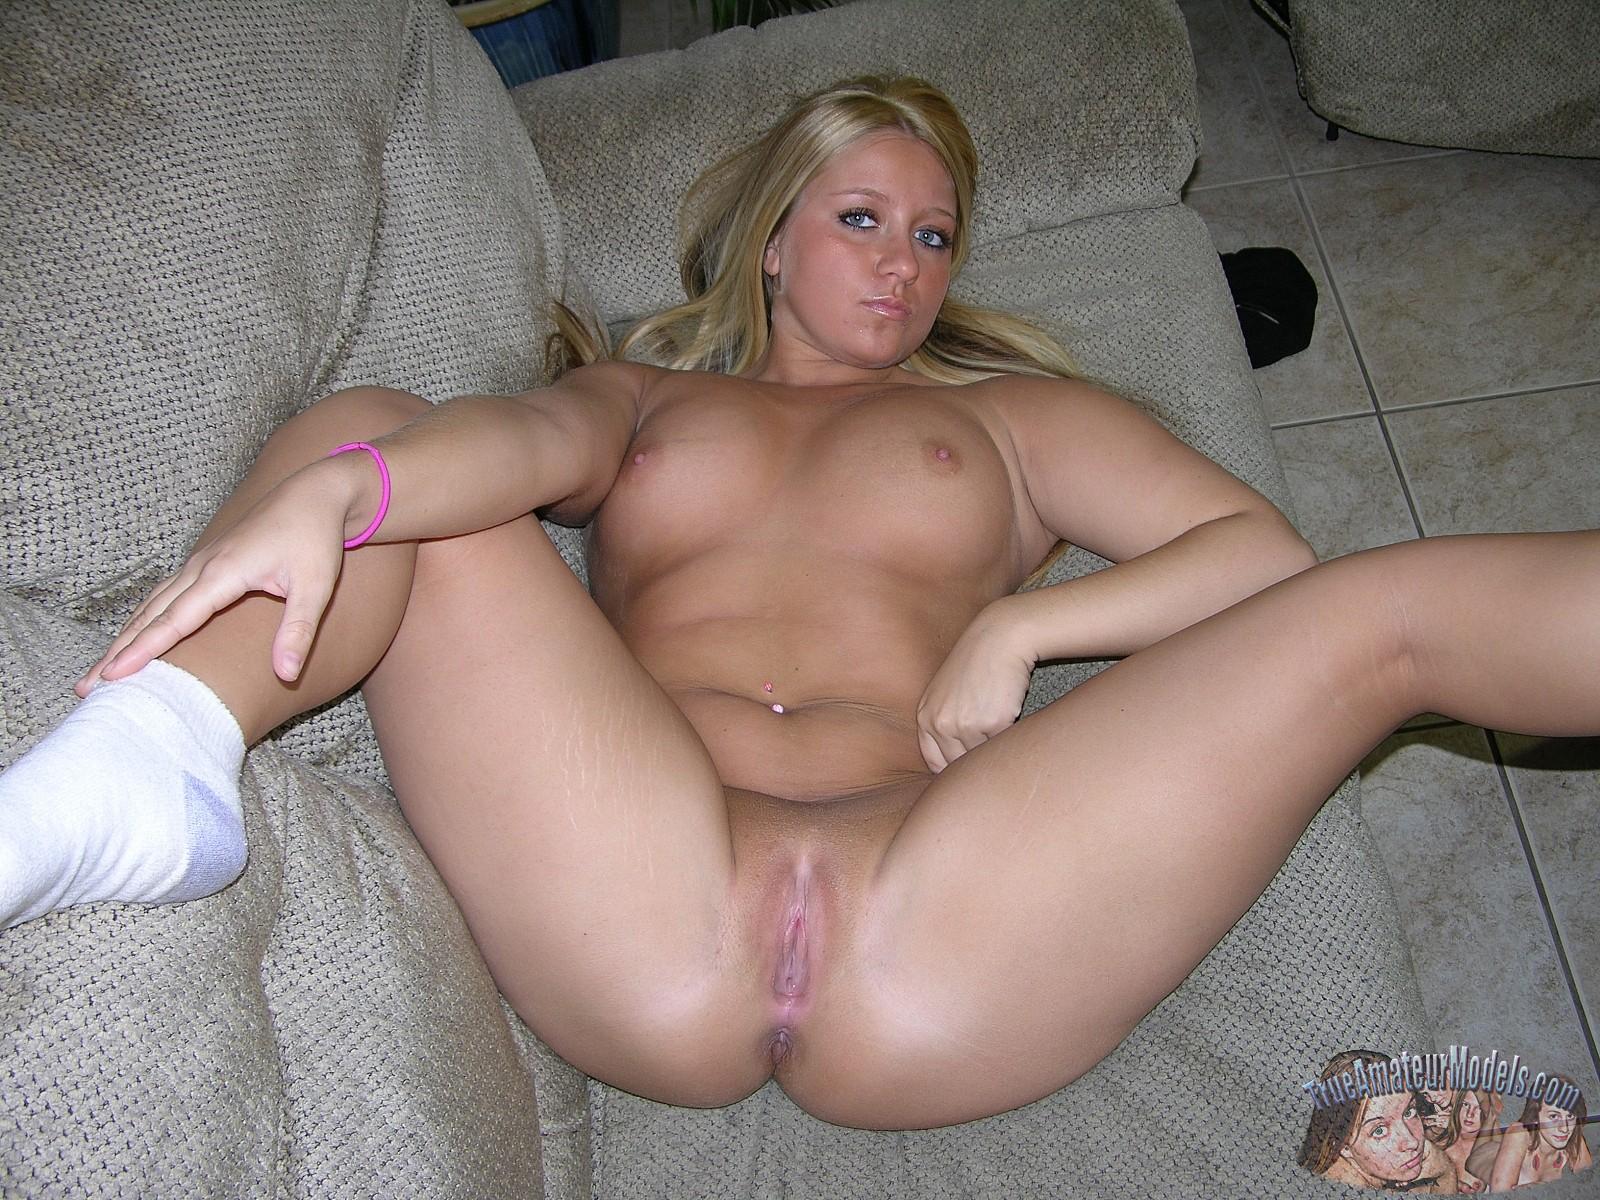 Частное фото пышных блондинок с пиздой крупным планом